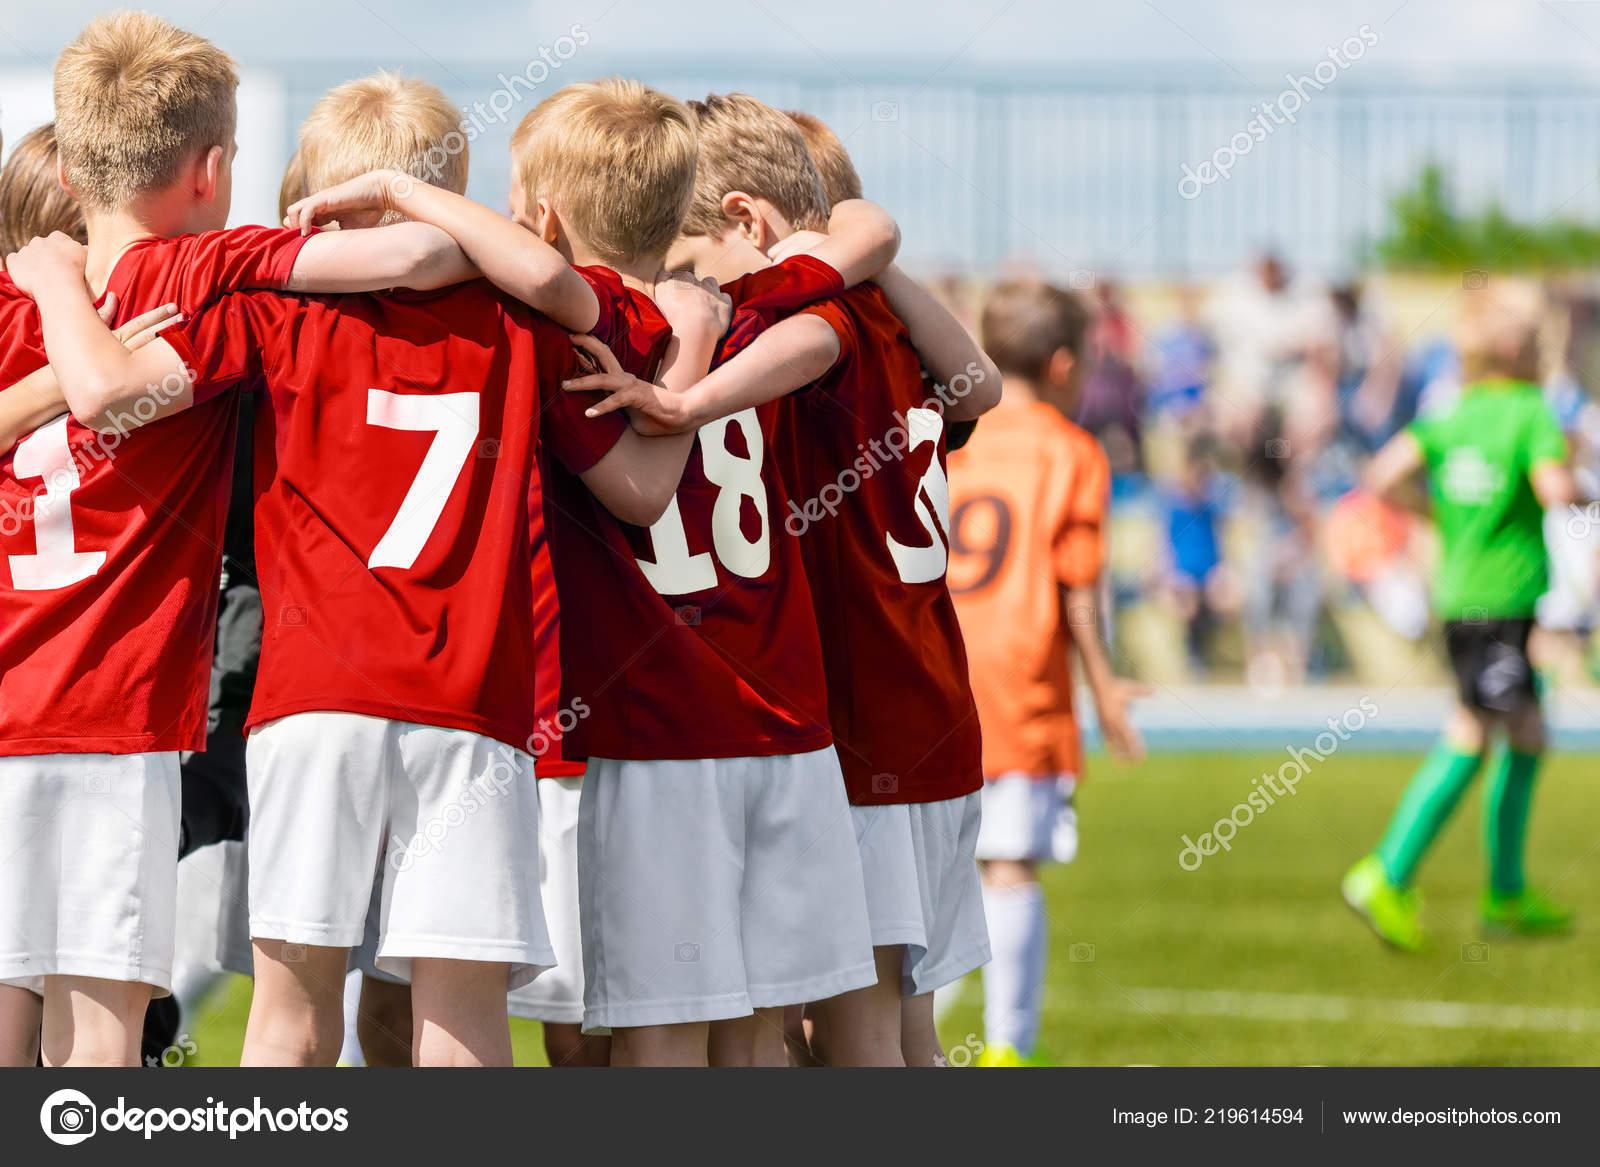 Time de futebol de meninos. Academia de futebol de crianças. Jovens  jogadores de futebol em camisas vermelhas de pé juntos em campo. 64f7d2e8e291b